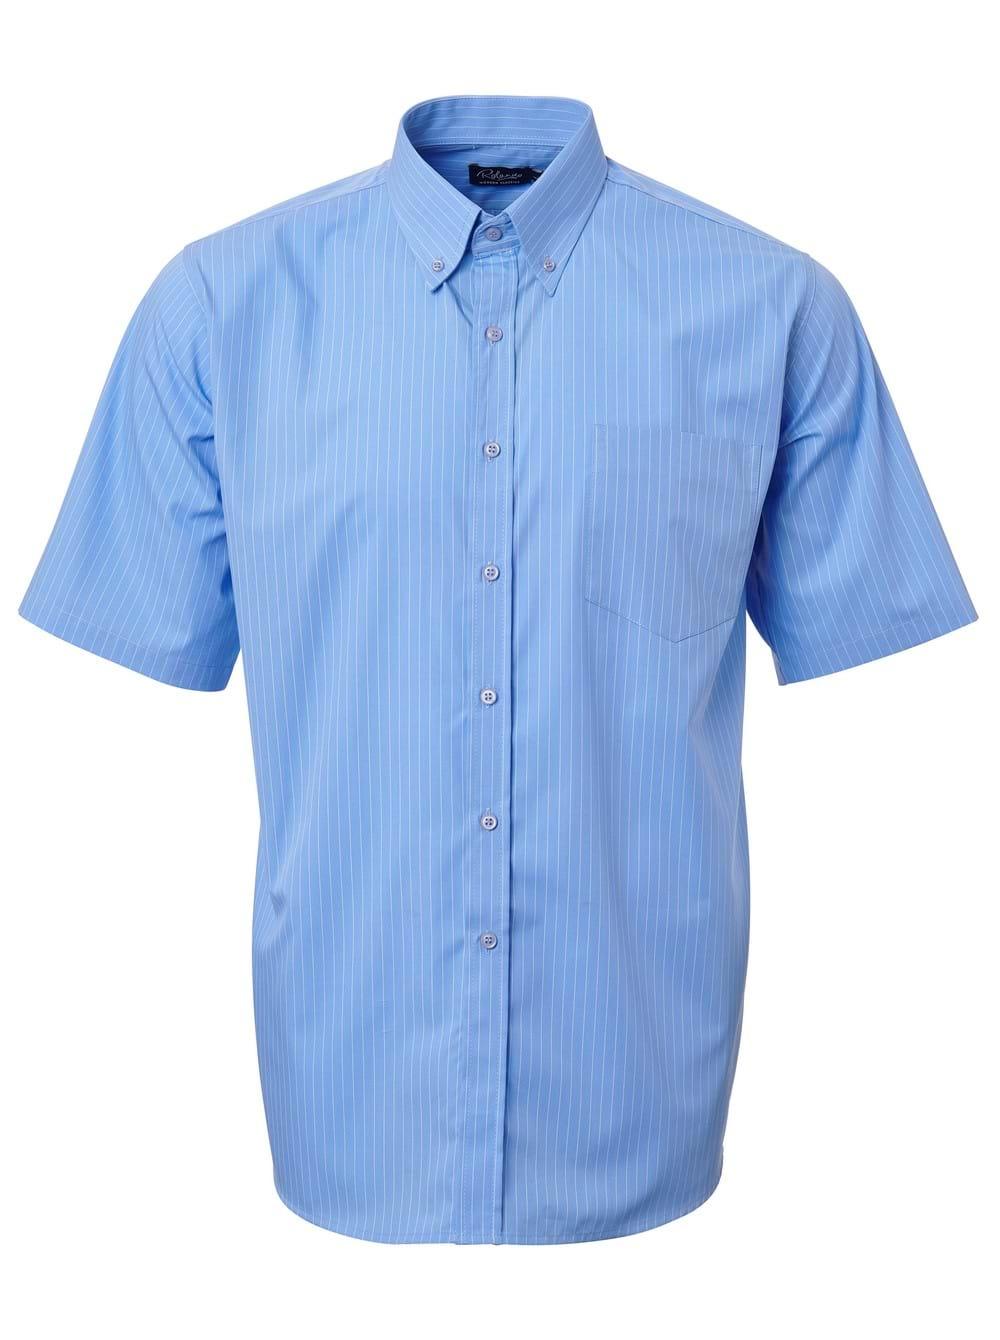 Mens Stripe Short Sleeve Shirt Powder Blue